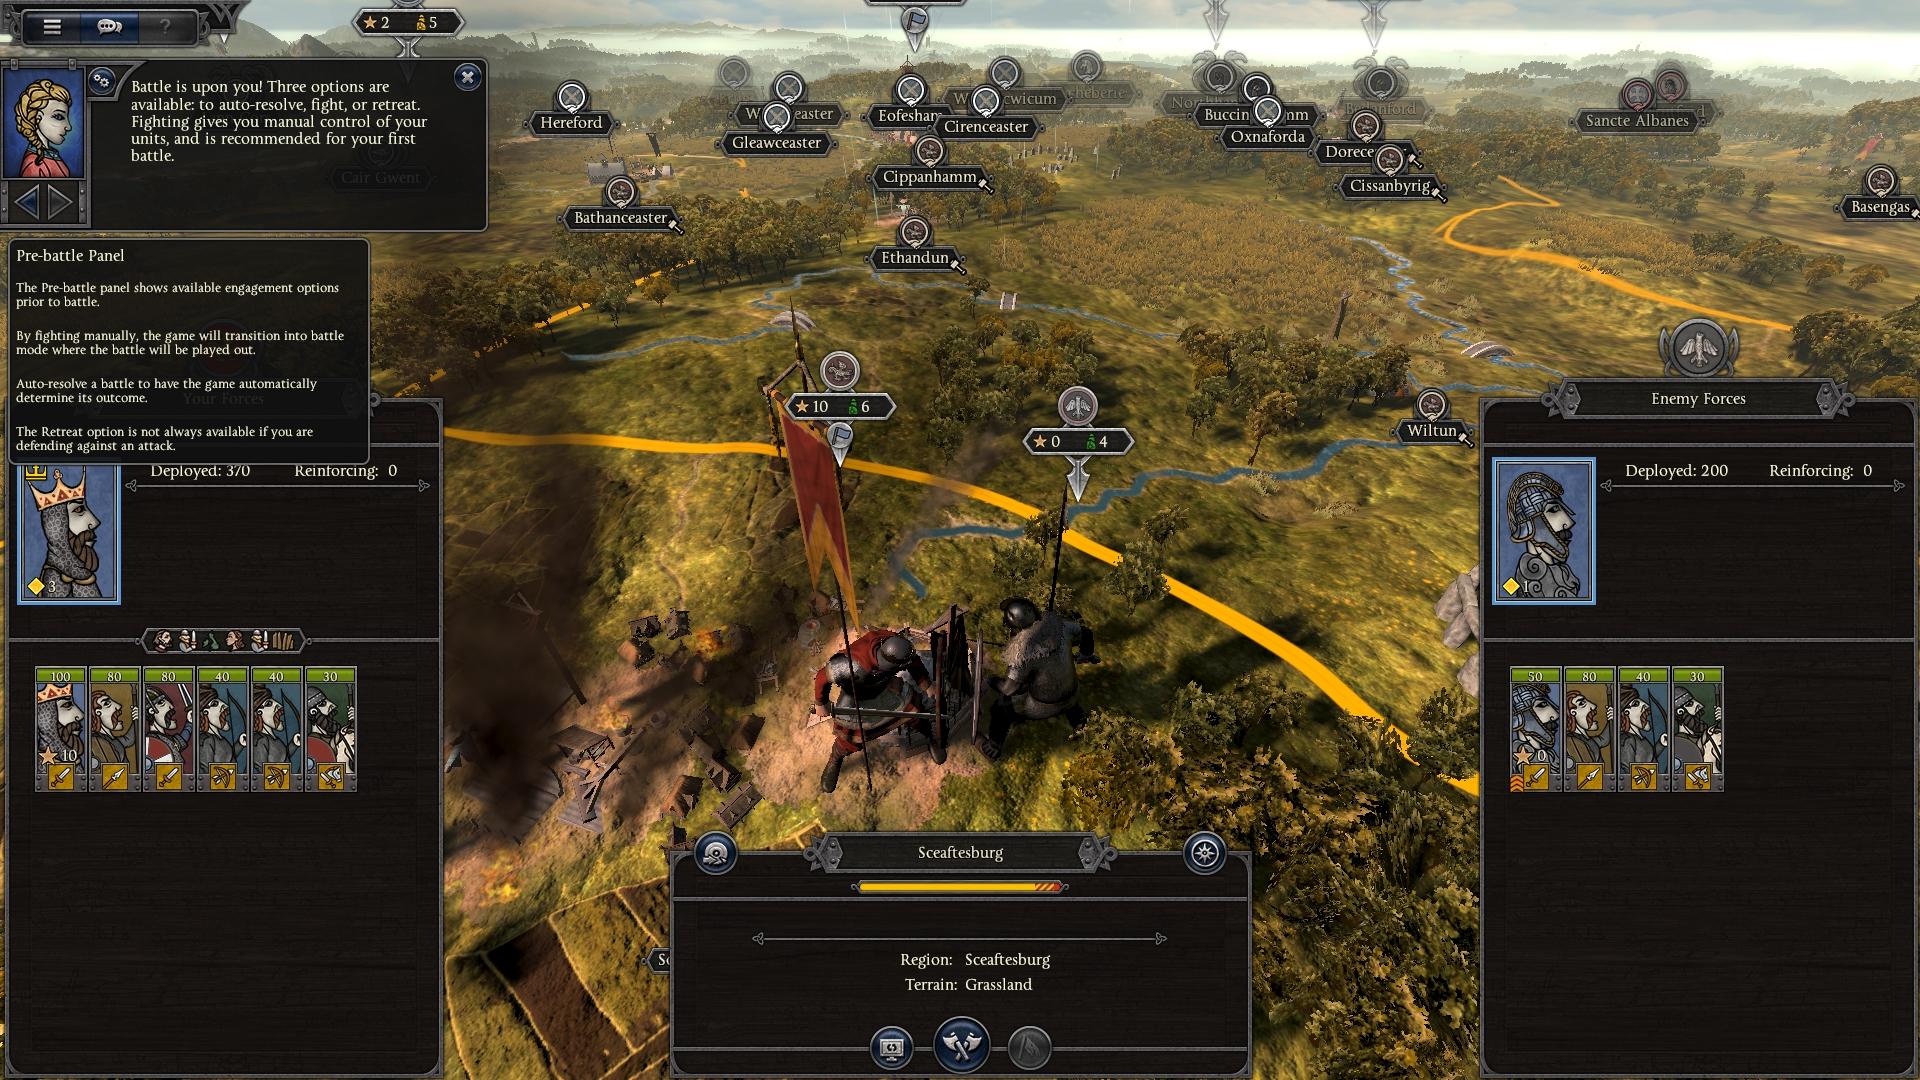 A Total War: Thrones of Britannia